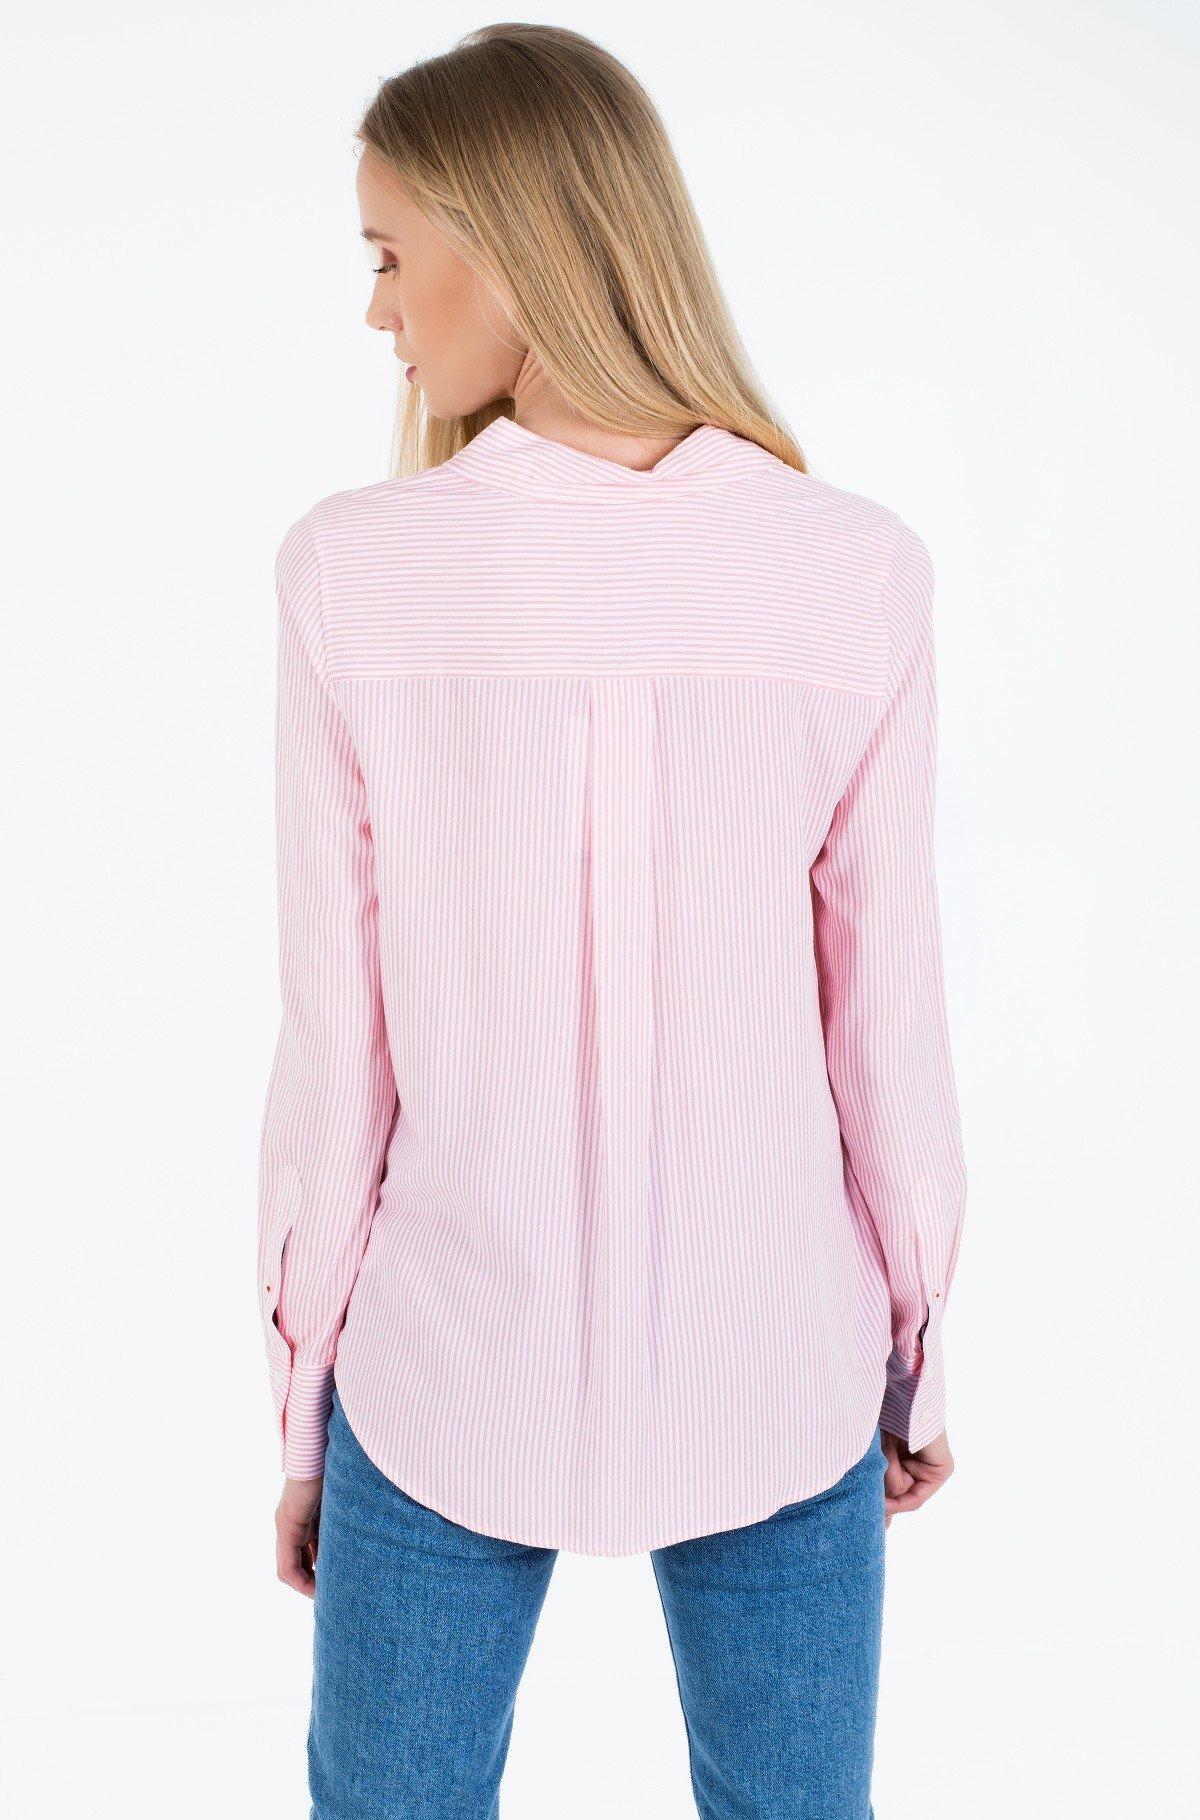 Marškiniai DANEE BLOUSE LS-full-3